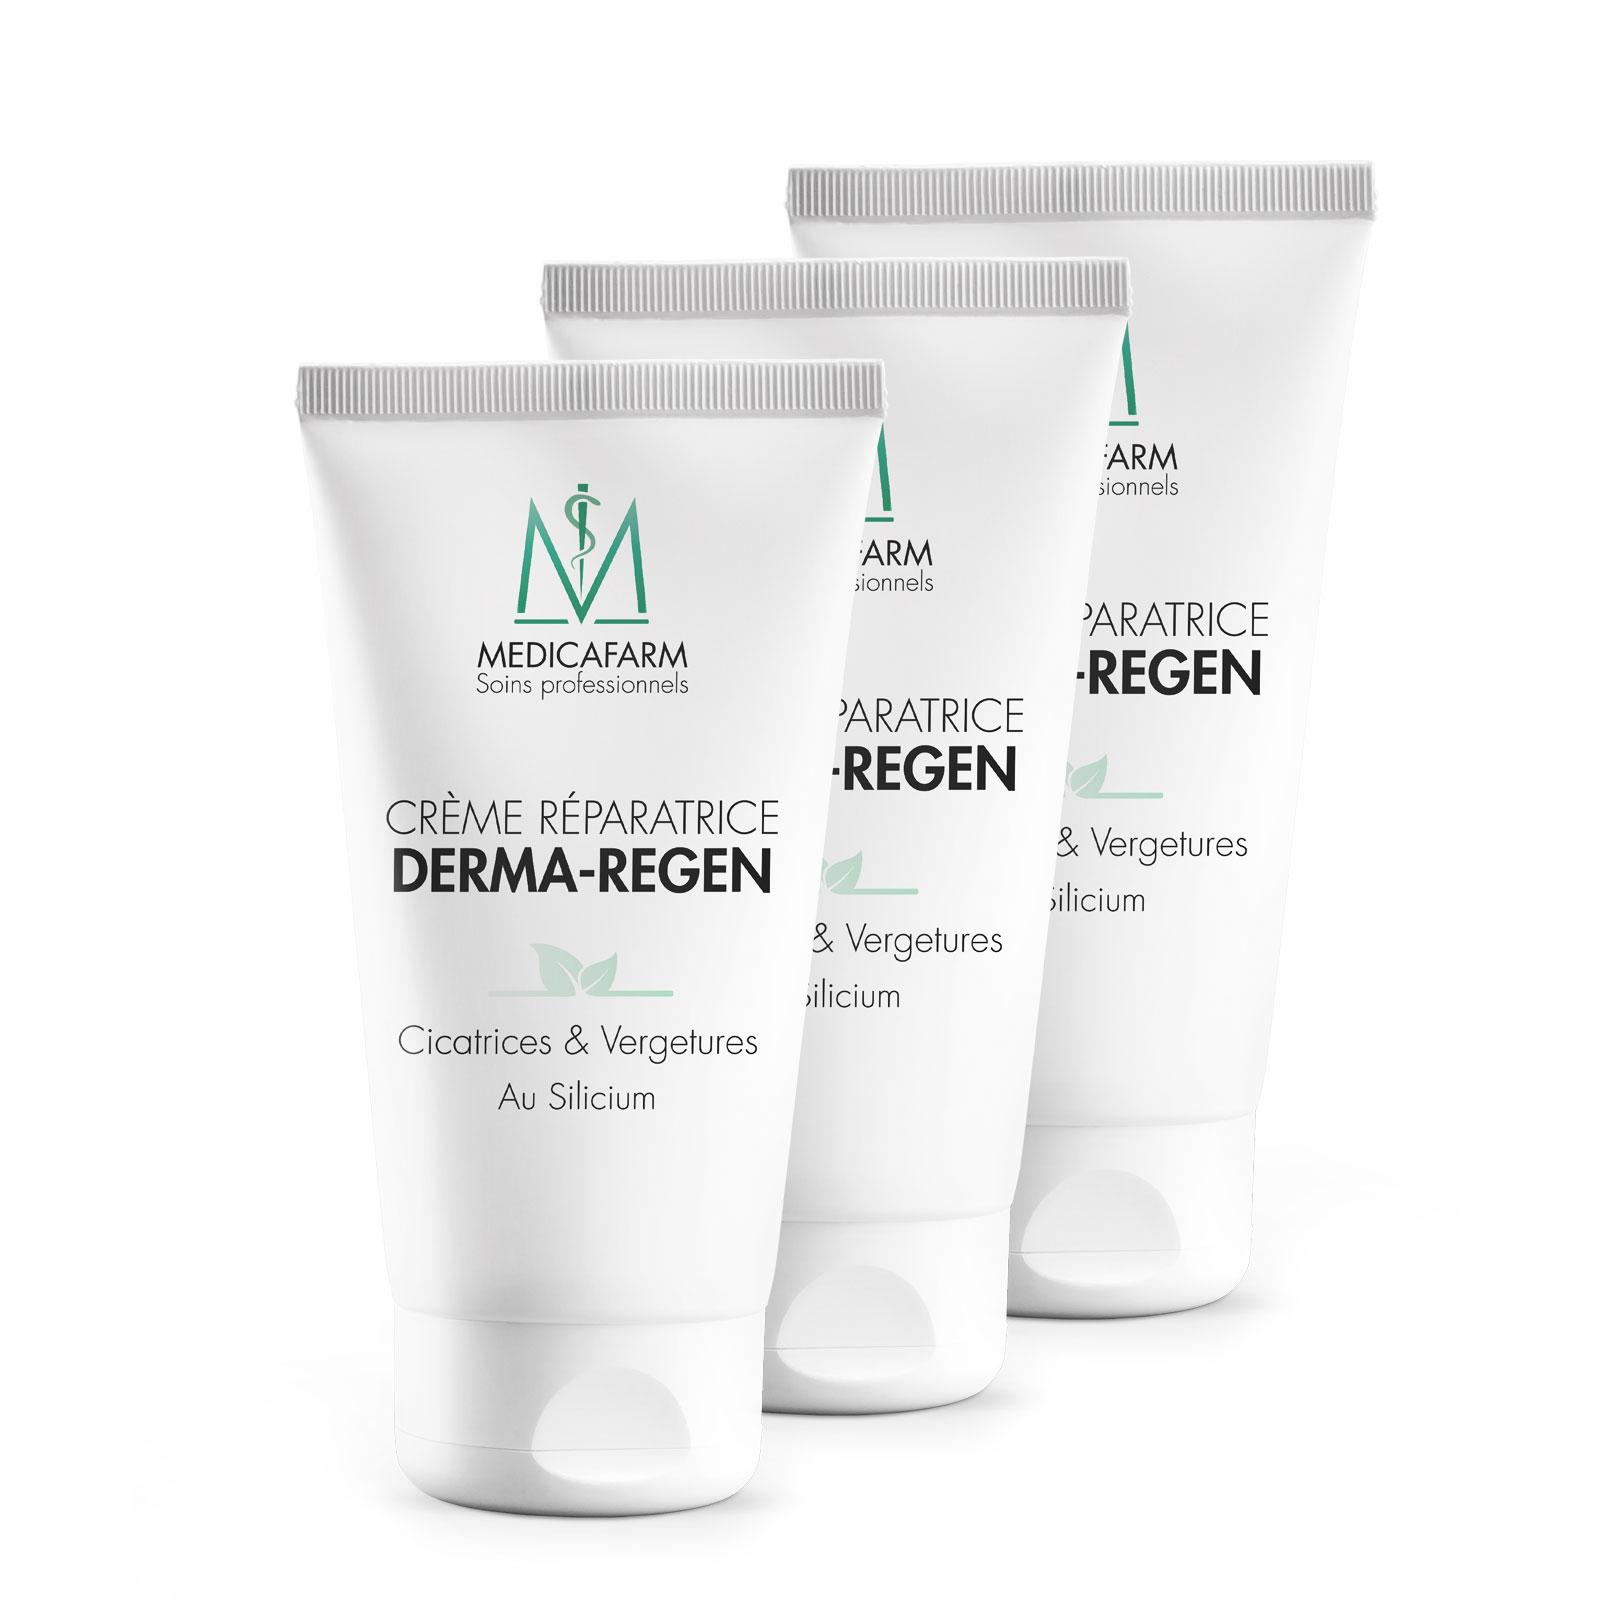 Lot de 3 Crèmes réparatrices Derma-Regen